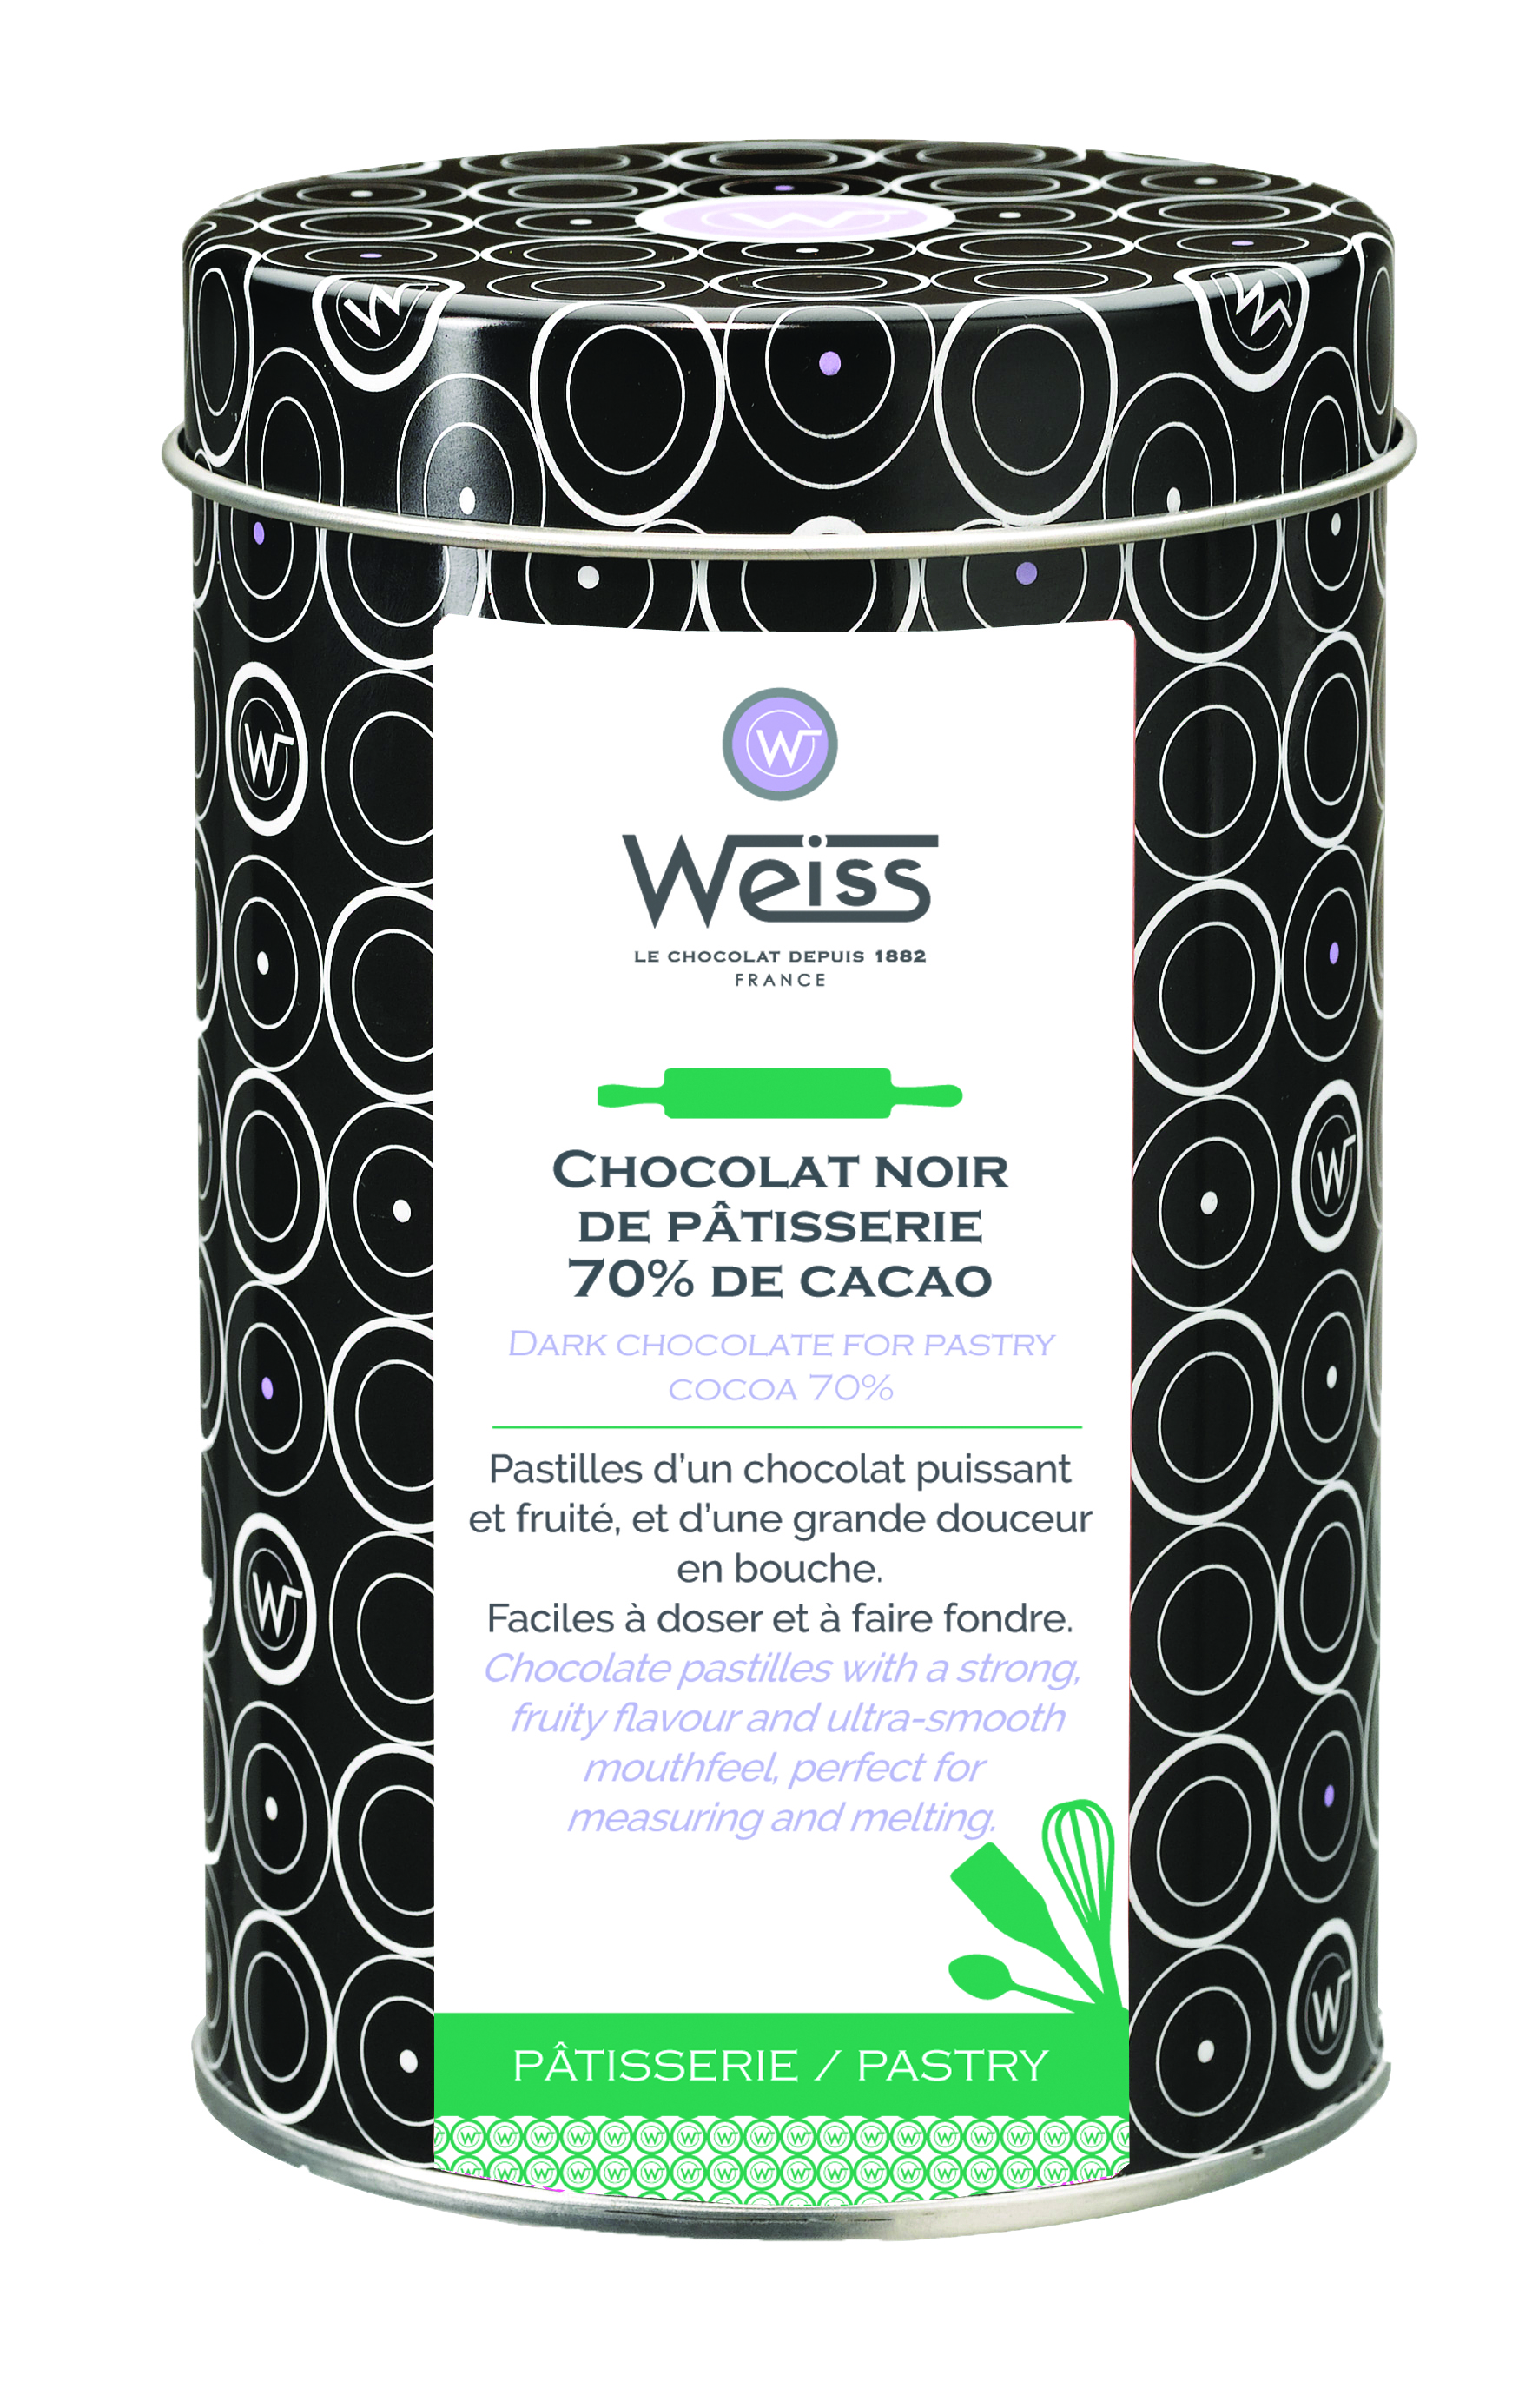 Pastilles de chocolat noir de pâtisserie 70% de cacao, Weiss (400 g)